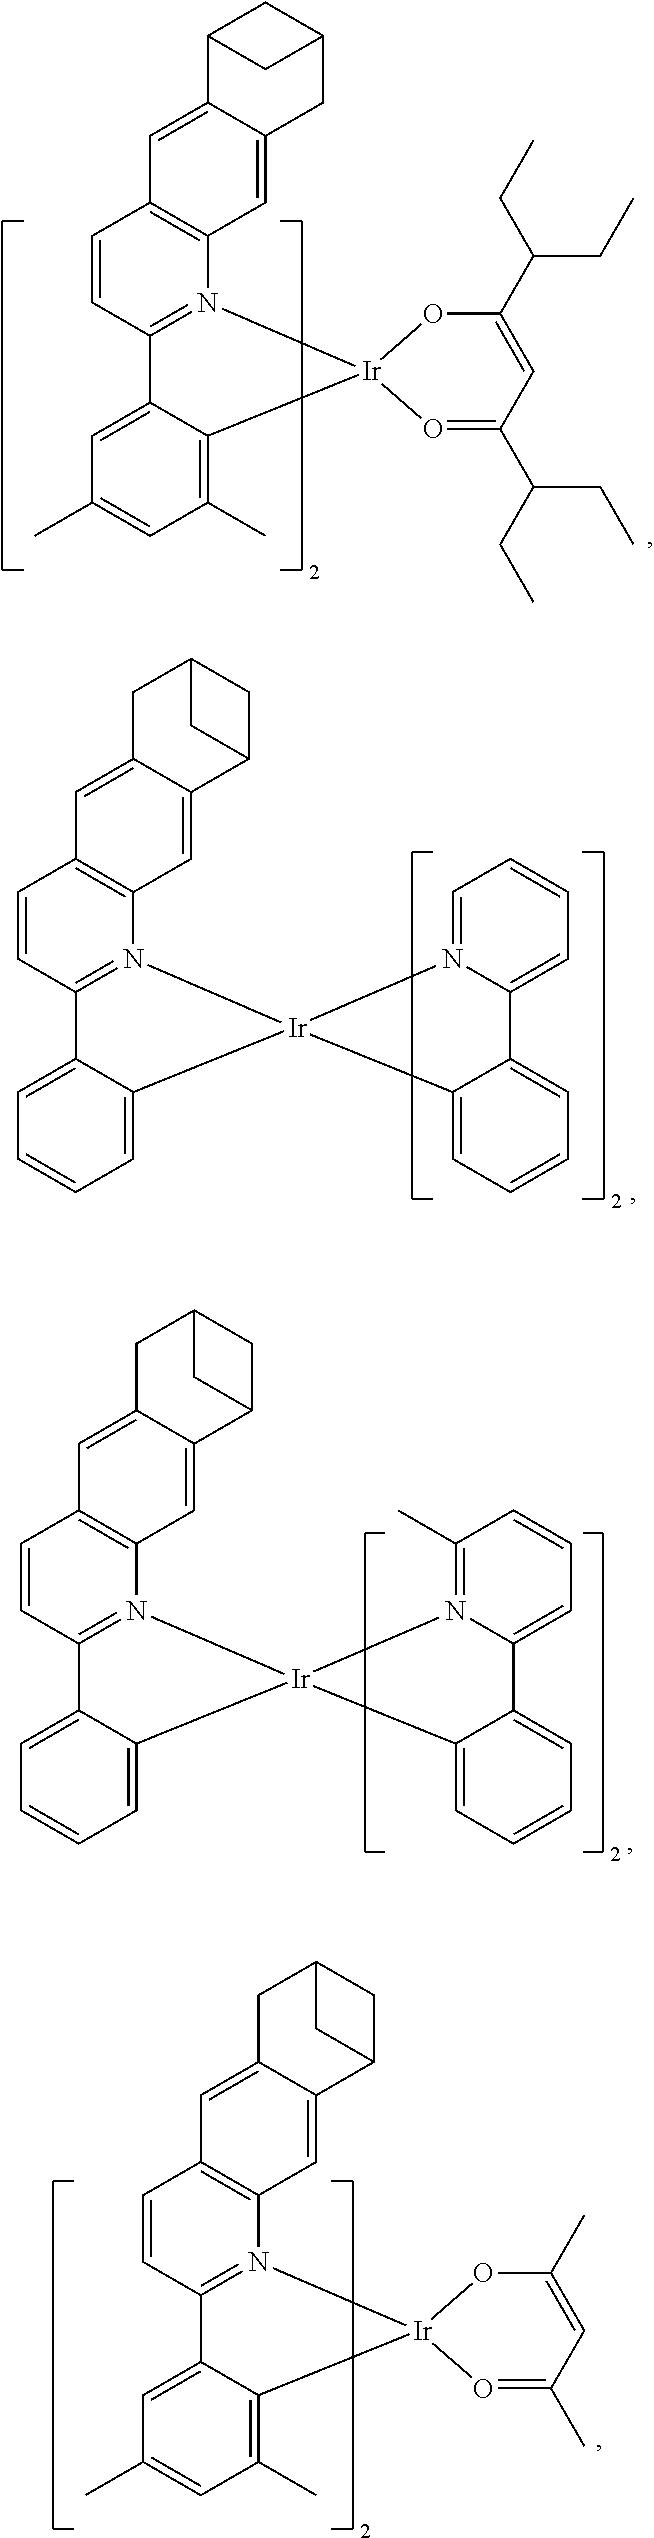 Figure US09691993-20170627-C00062